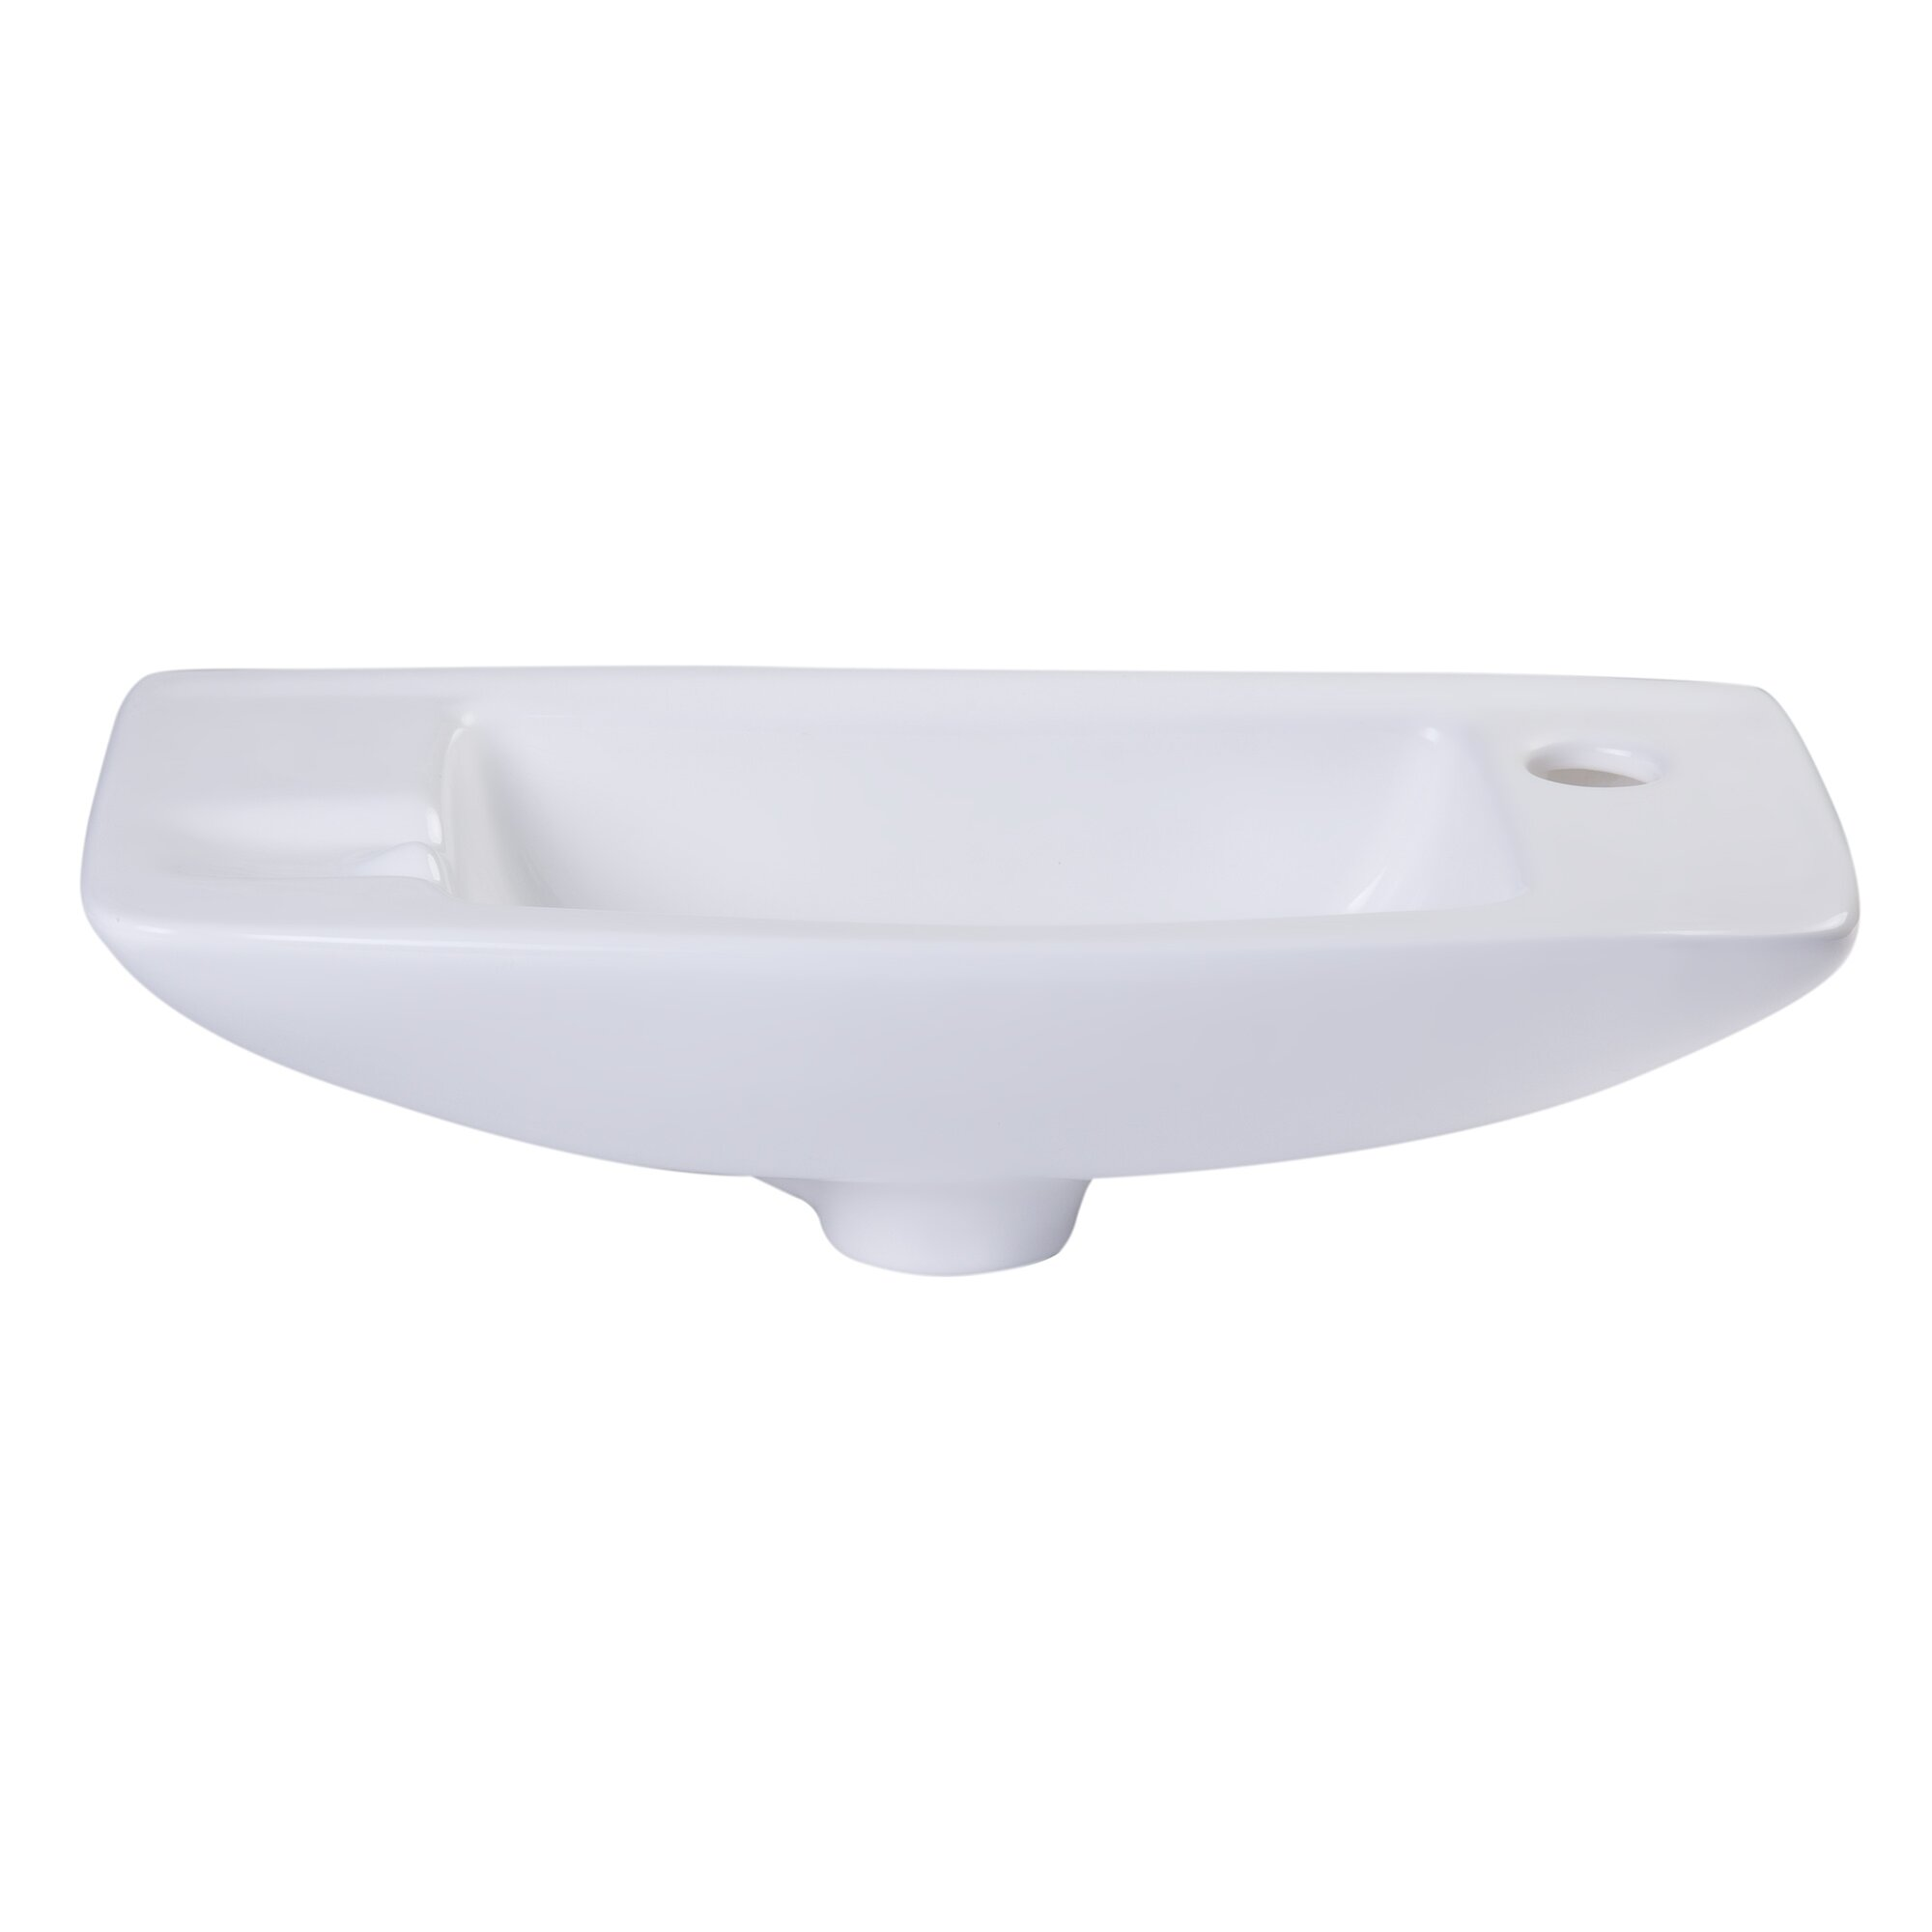 Bathroom Sink Brands : Small Wall Mount Bathroom Sink by Alfi Brand